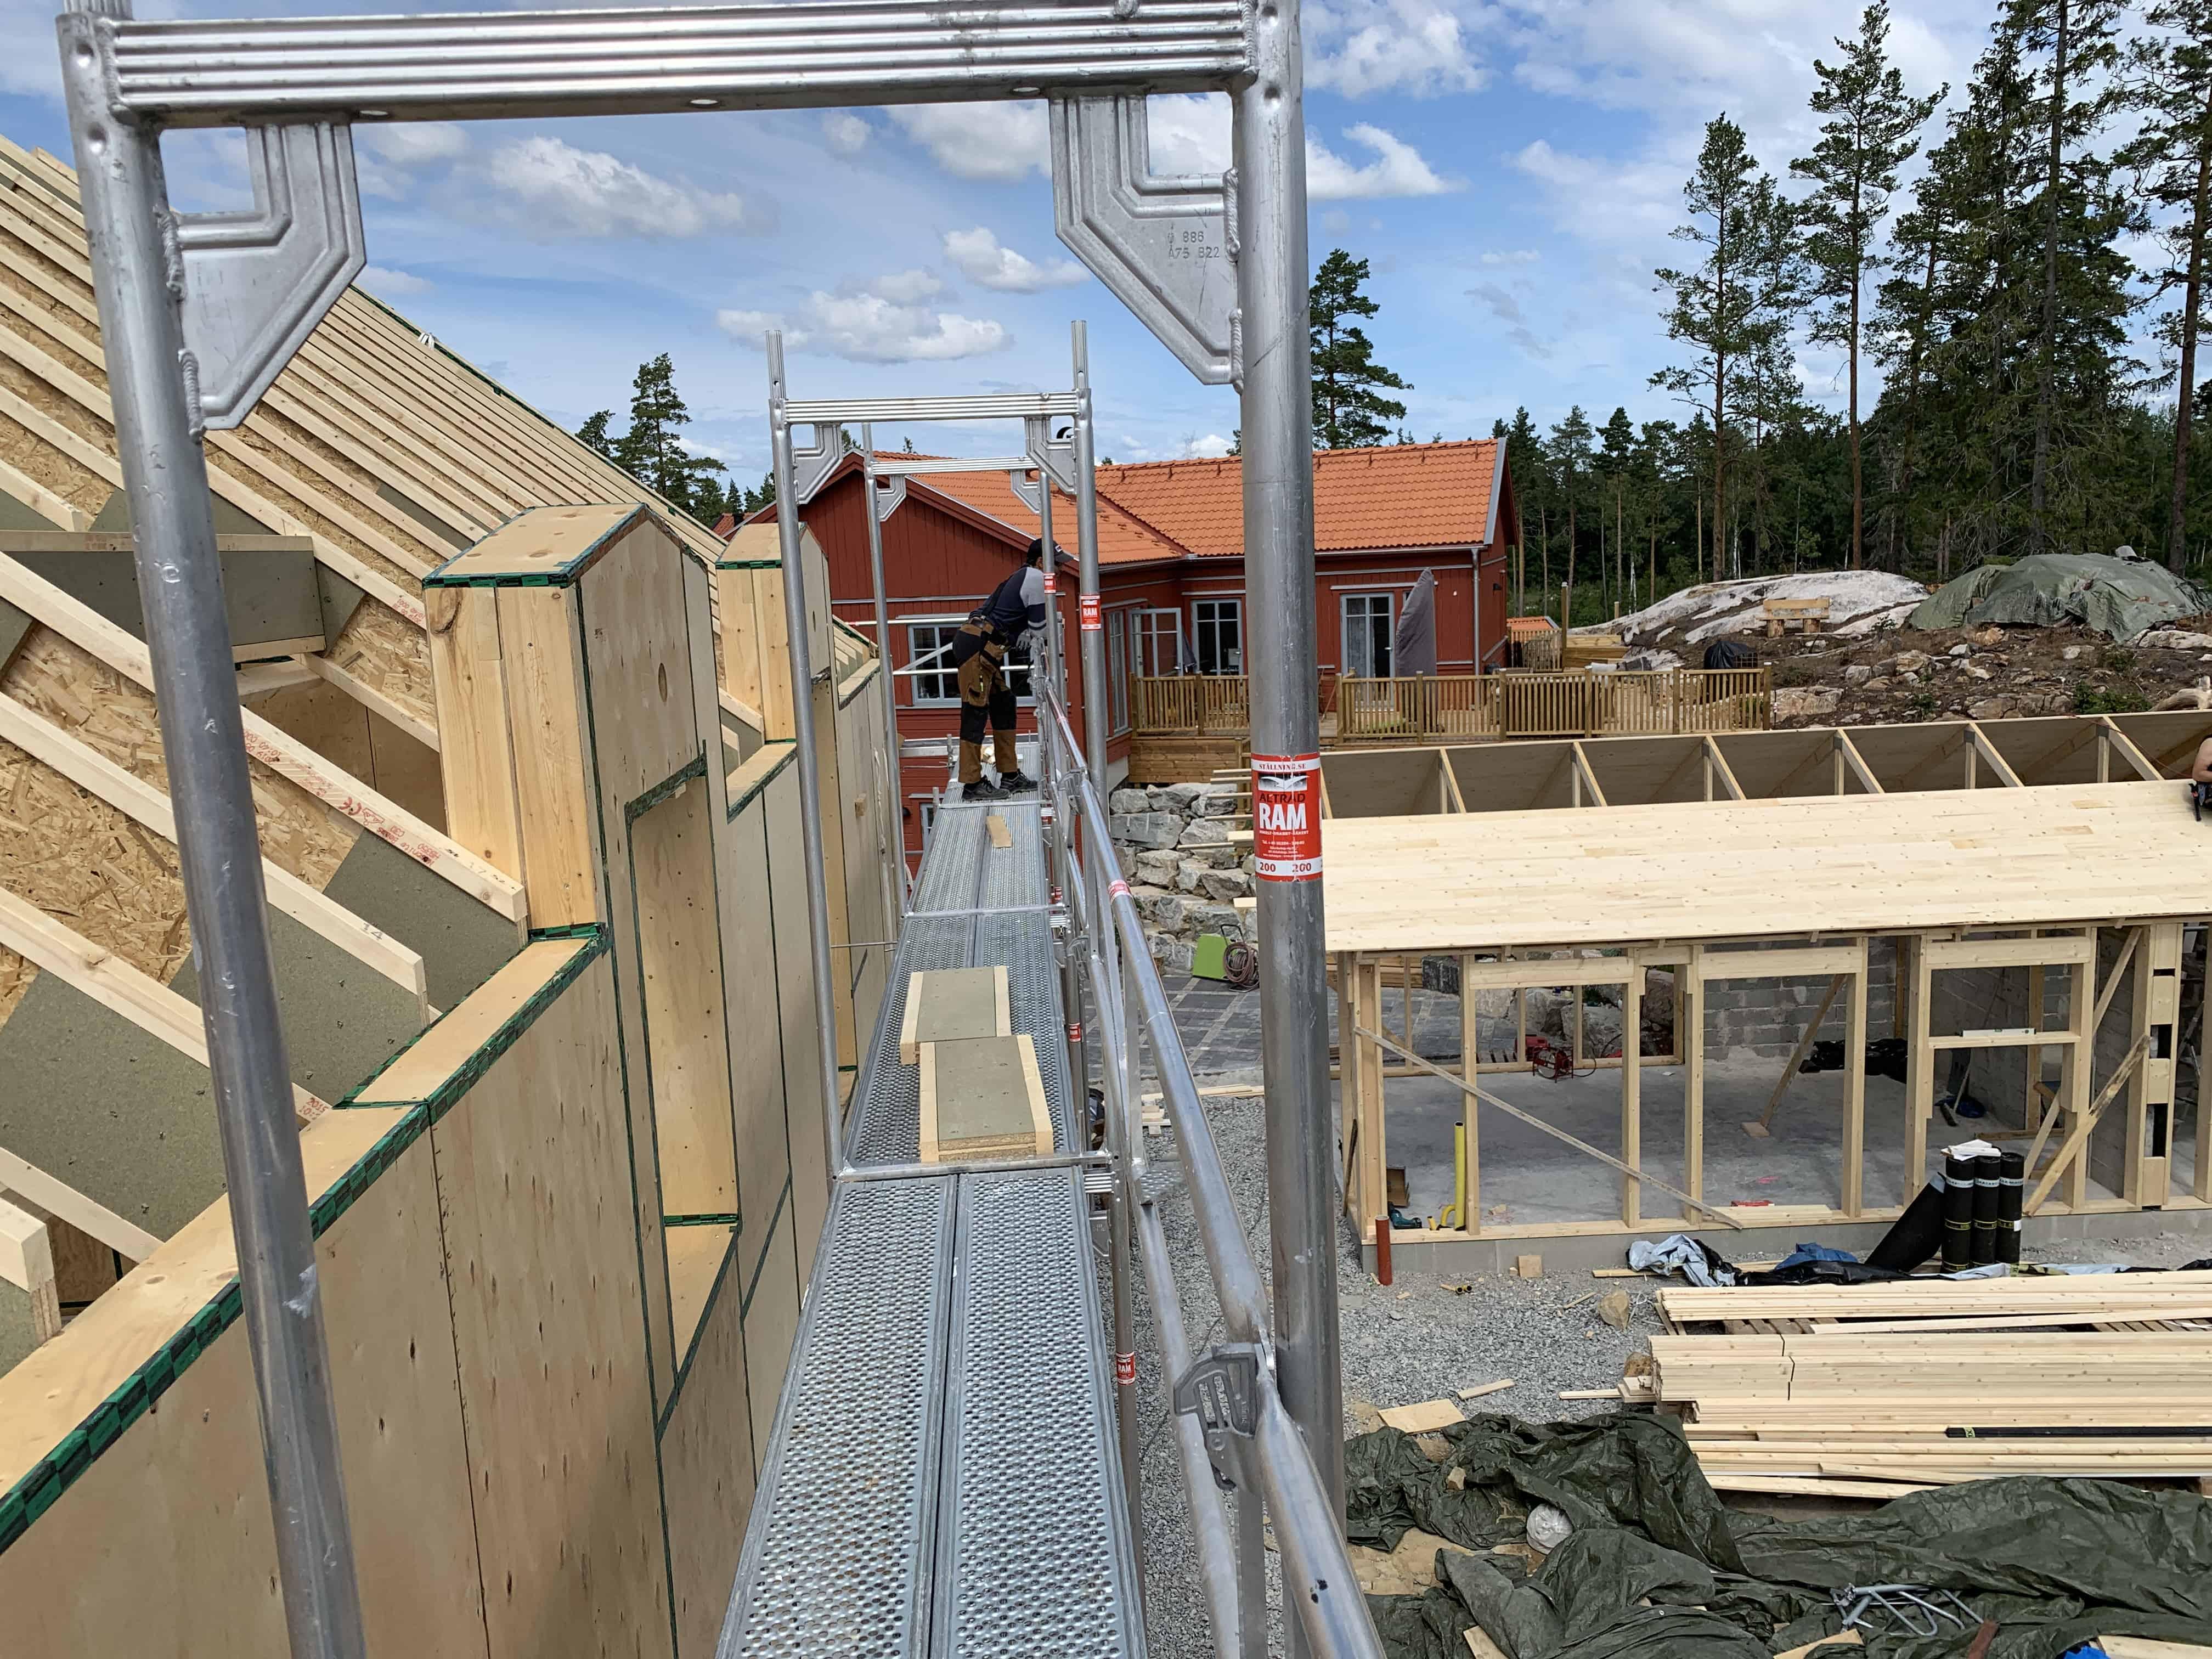 """Referensjobb """"Nykvarn"""" utfört av GLDK Byggtjänst Handelsbolag"""